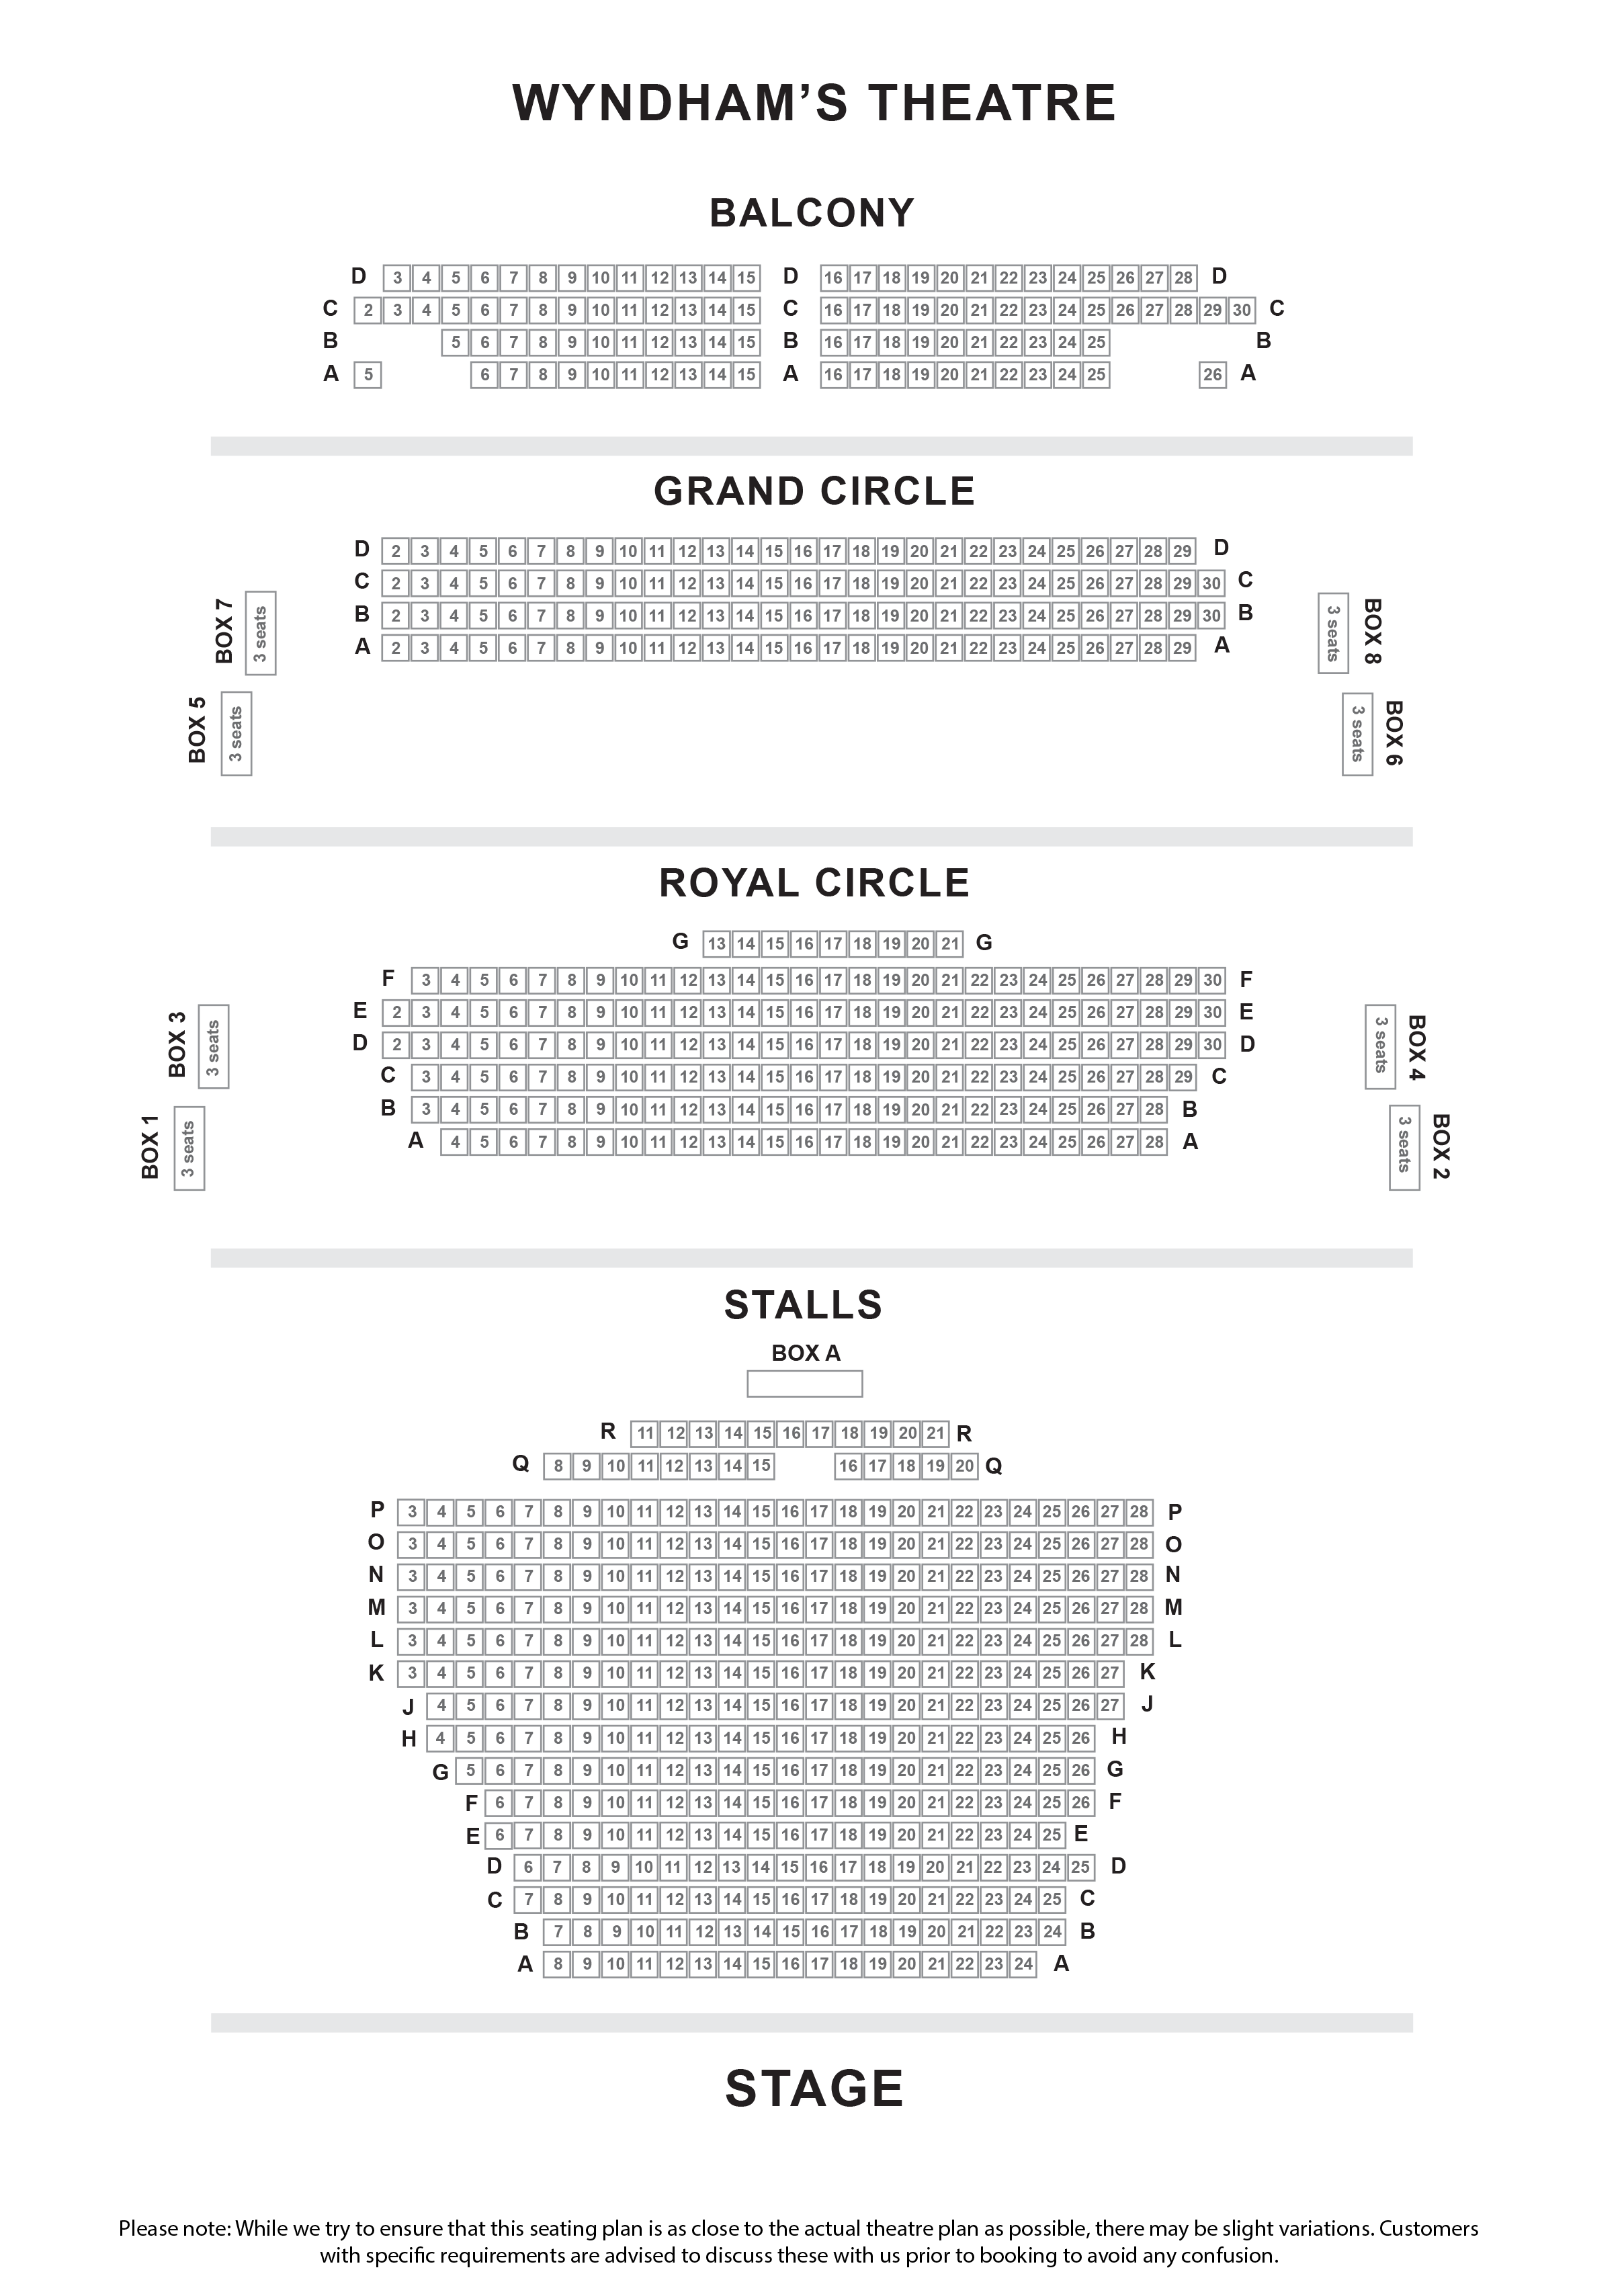 Wyndham's Theatre